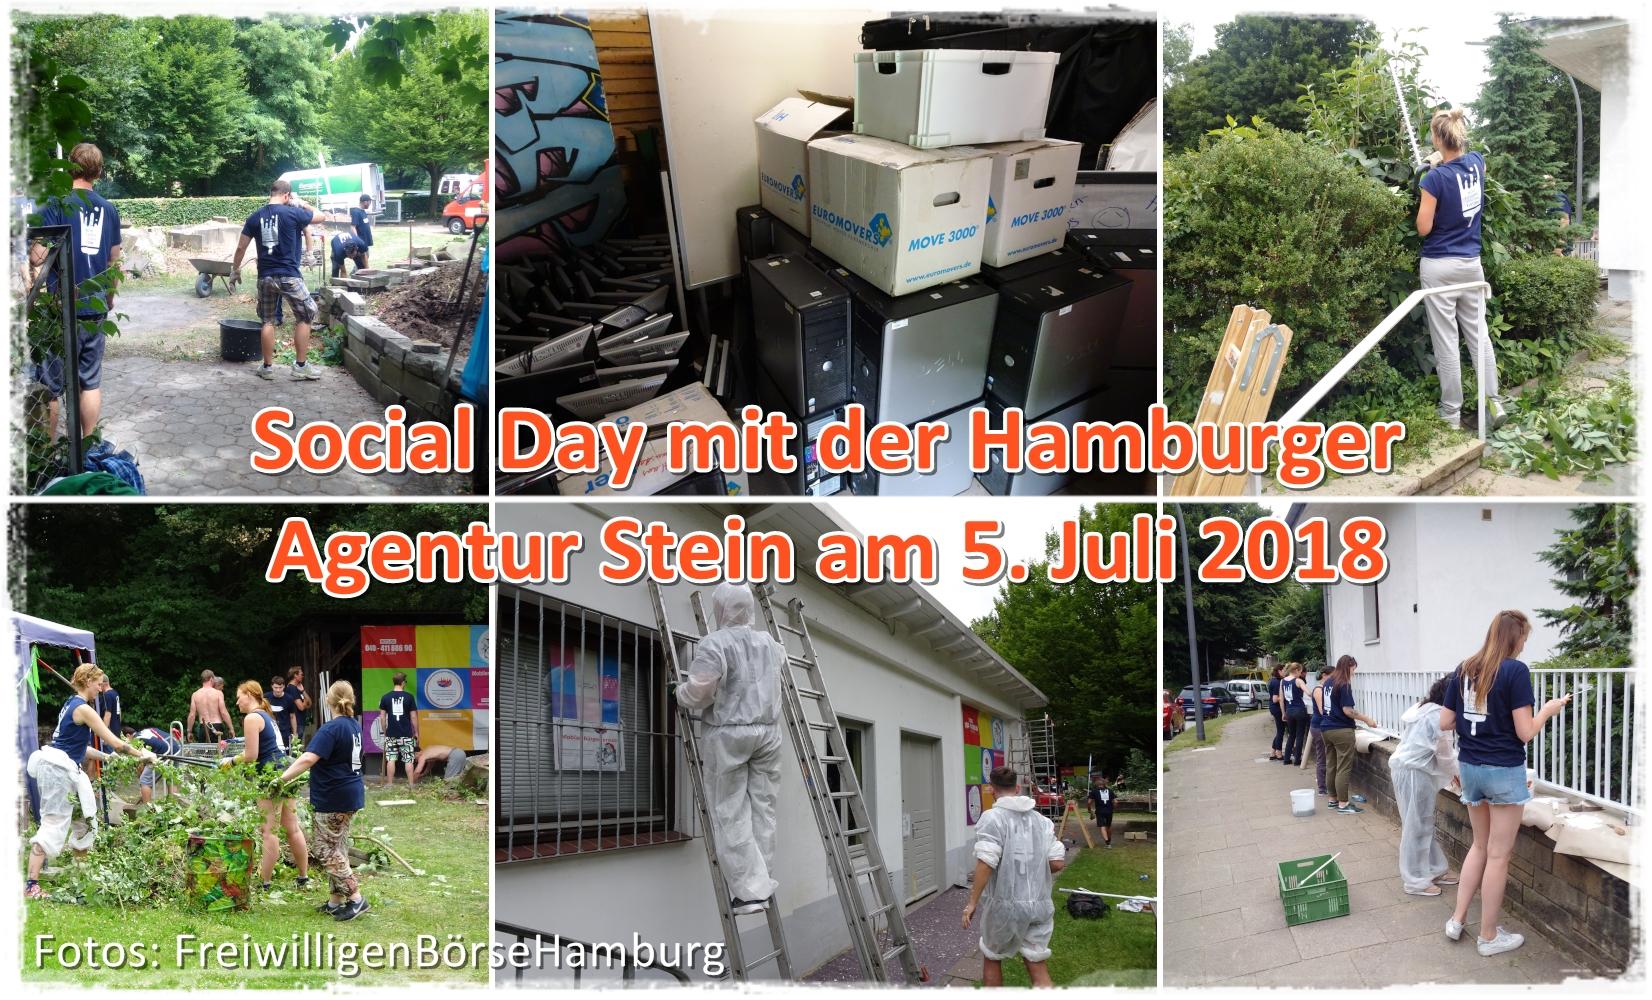 Social Day: FreiwilligenBörseHamburg und Agentur Stein